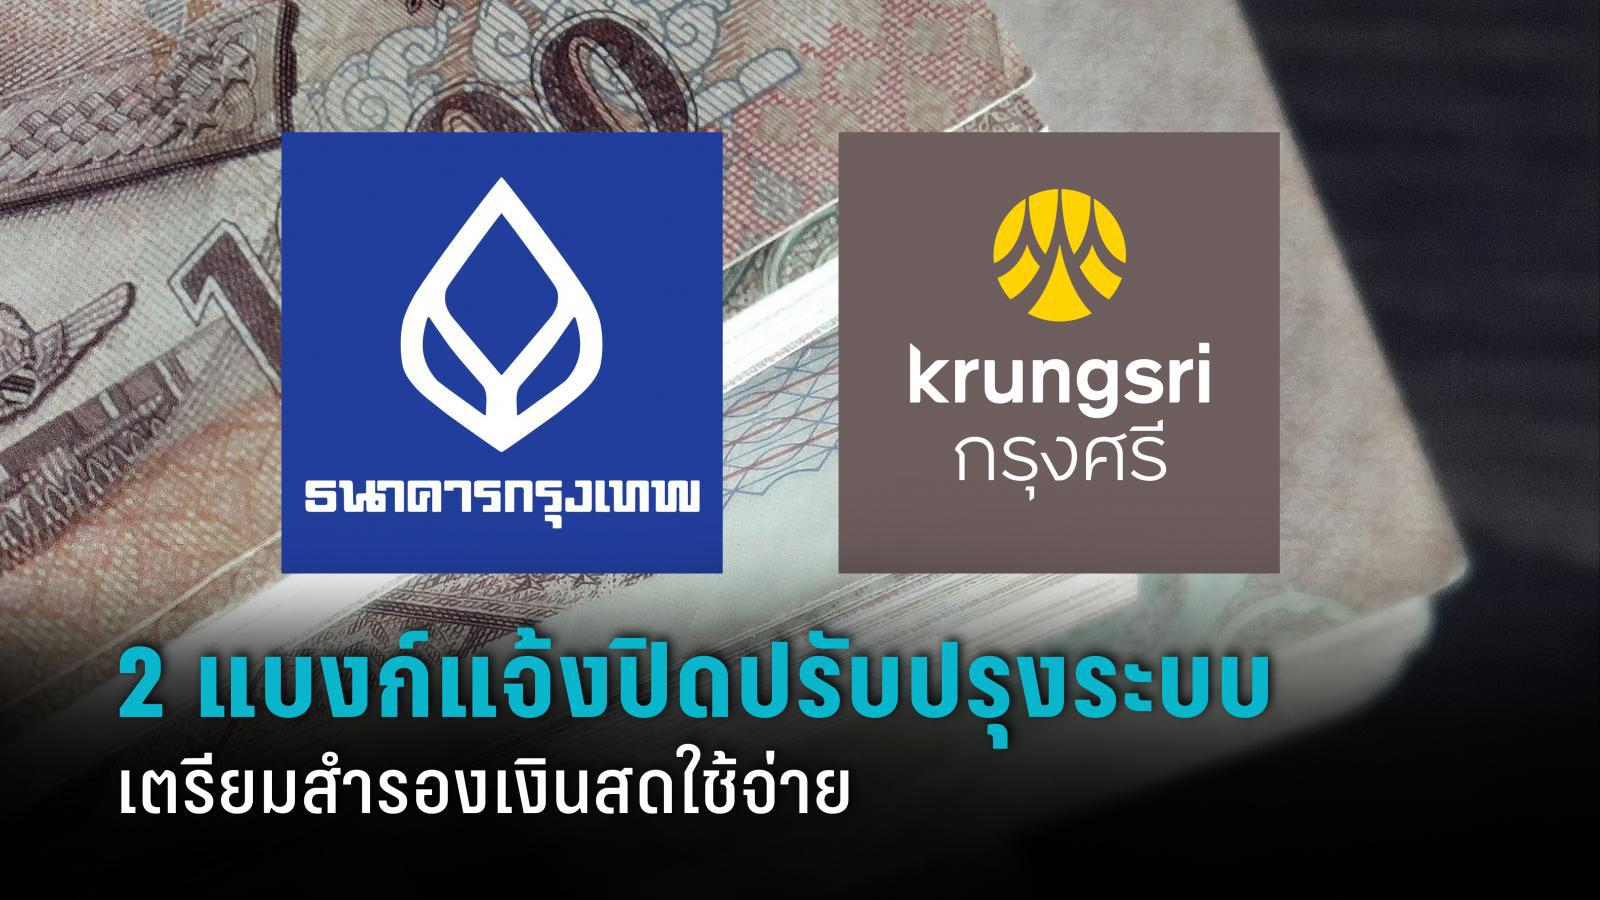 2 แบงก์แจ้งปิดปรับปรุงระบบข้ามวัน เตรียมสำรองเงินสดในการใช้จ่าย